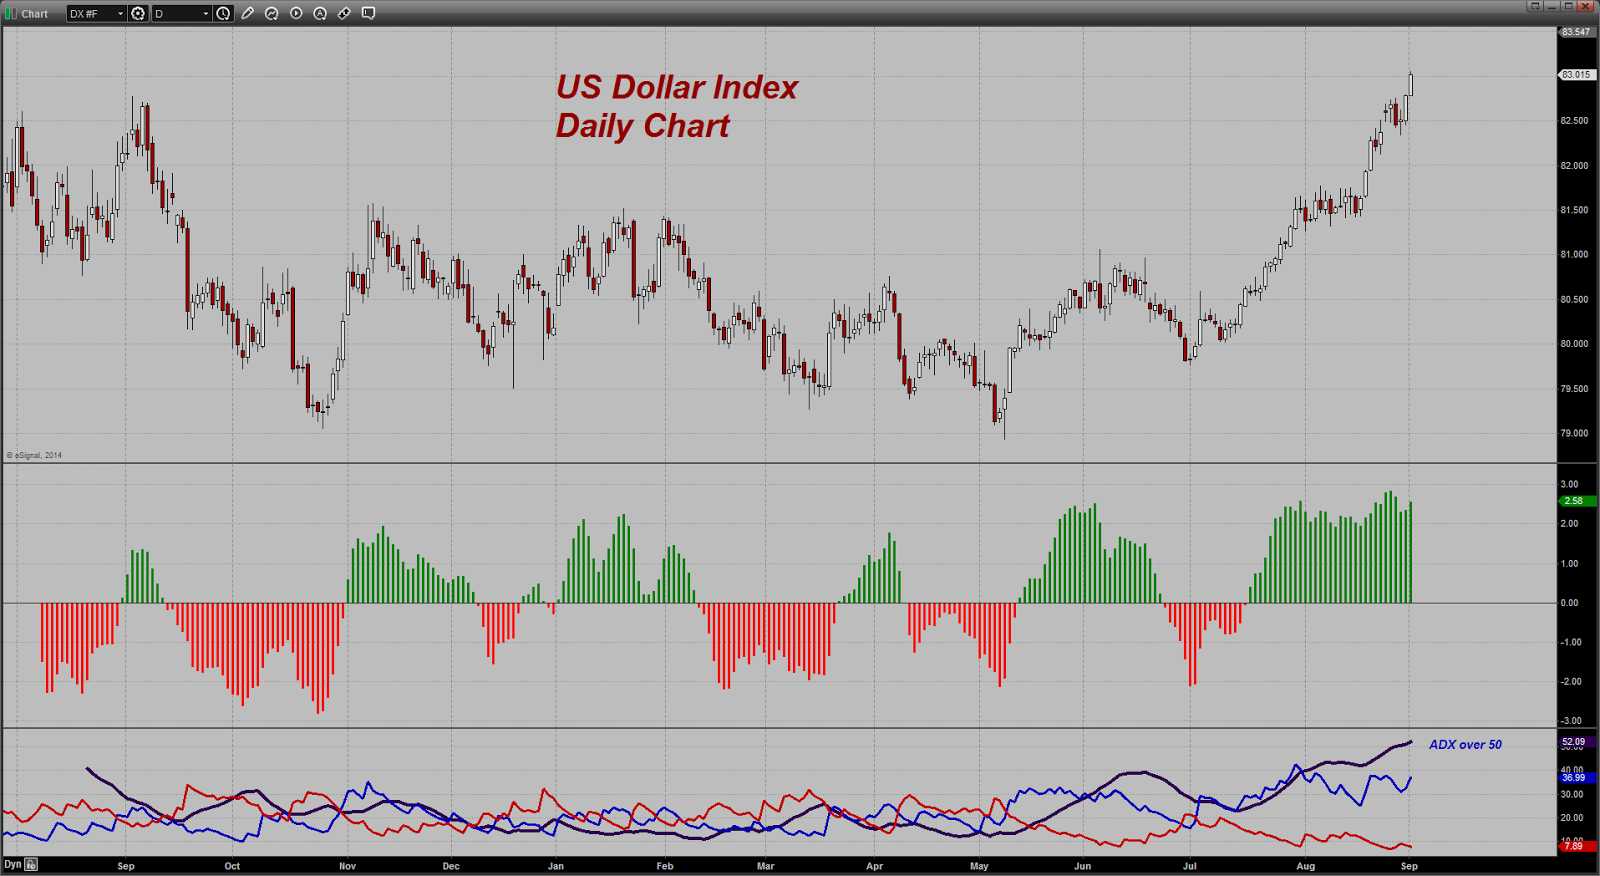 prix de l'or, de l'argent et des minières / suivi quotidien en clôture - Page 13 Chart20140902095517